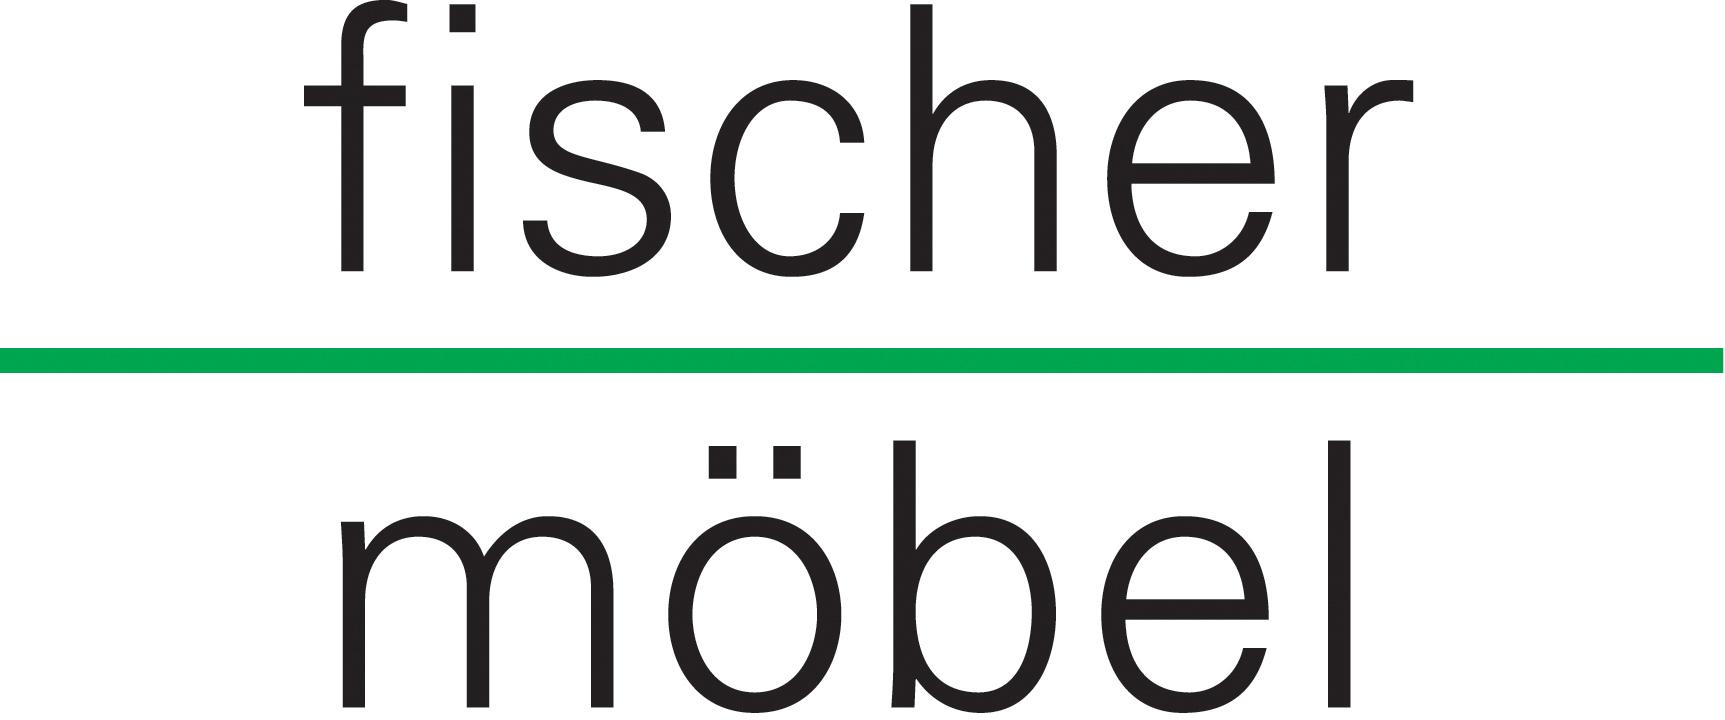 Bildergebnis für Fischer Möbel logo